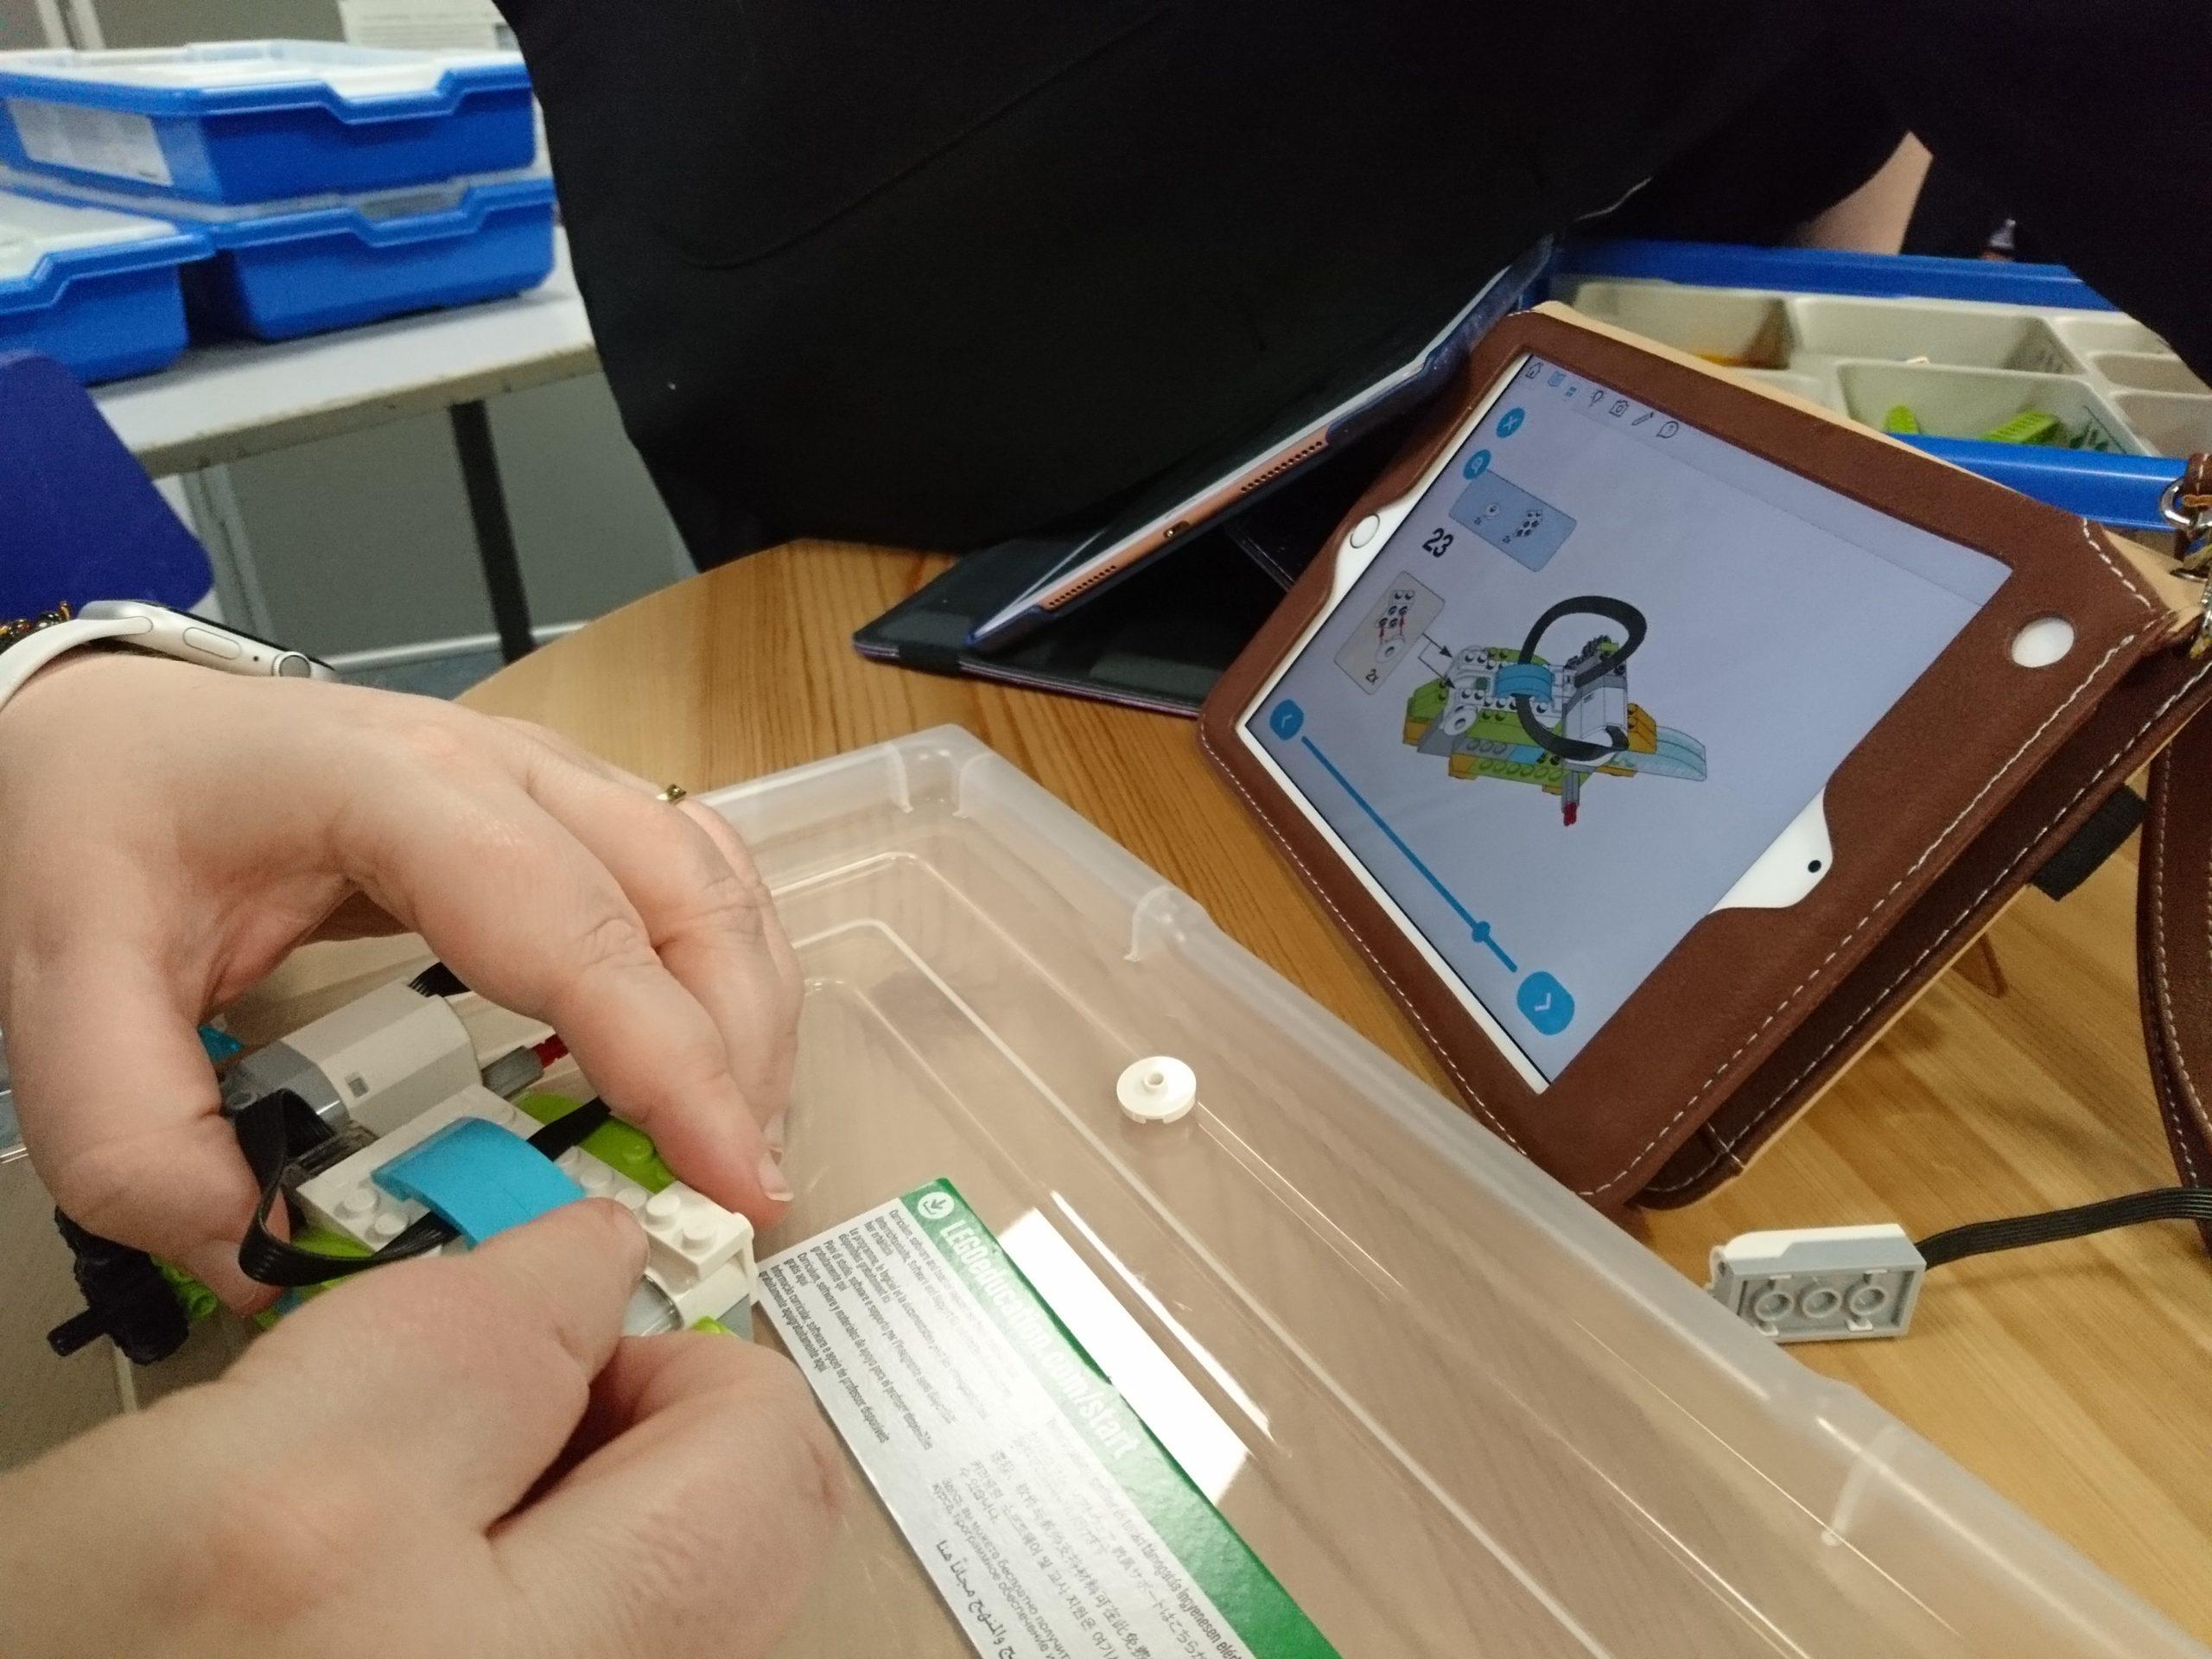 Lego Coding Workshop